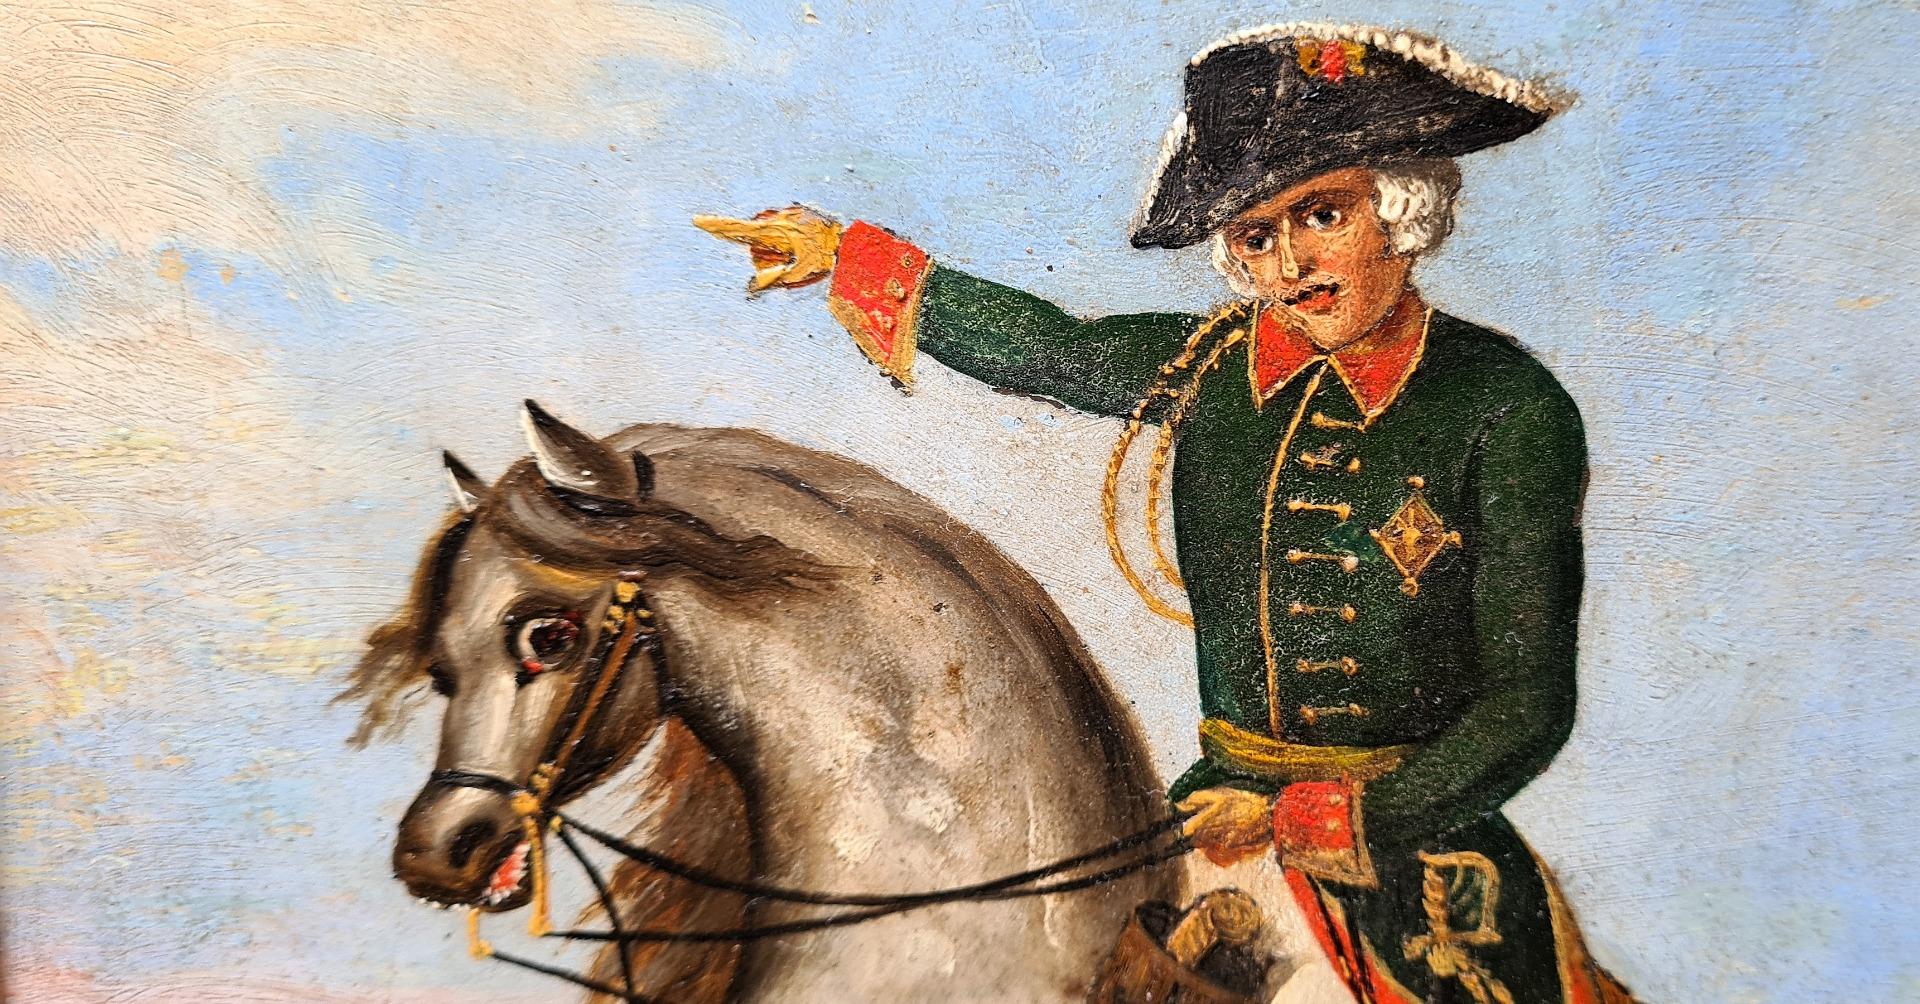 thumb2|Ritratto a cavallo di Federico Guglielmo III di Prussia